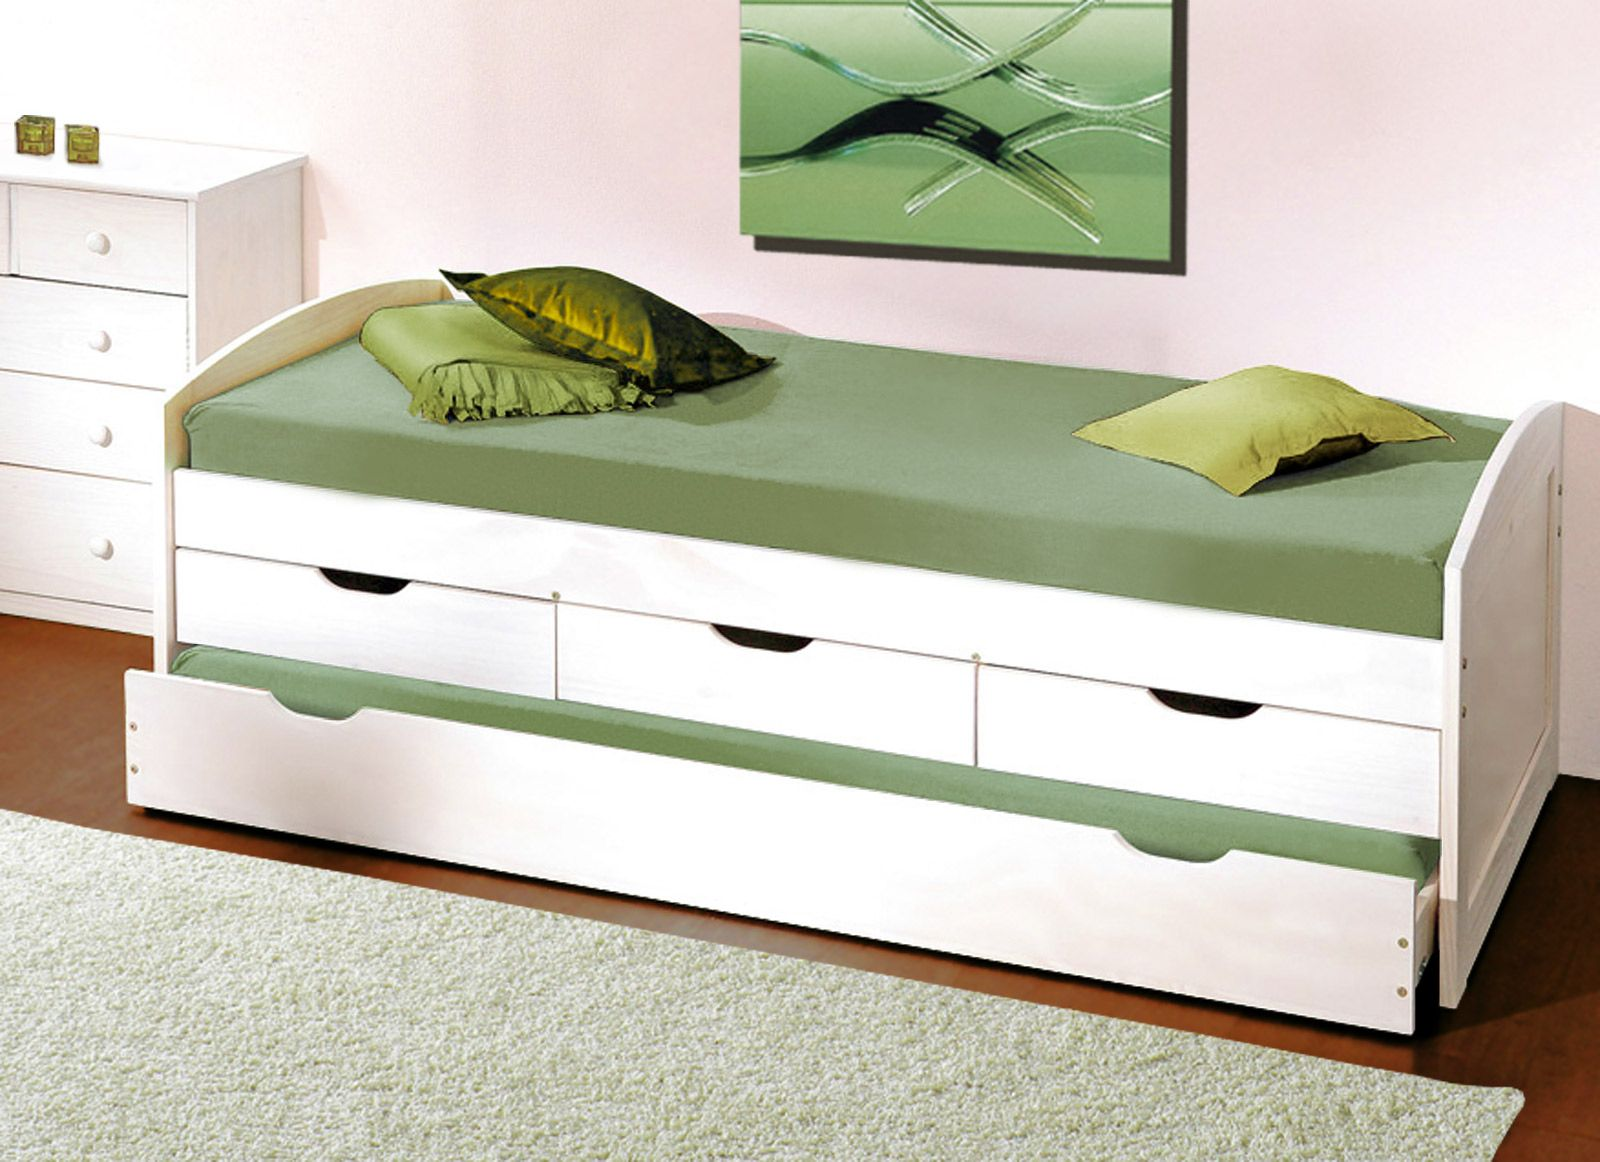 Ikea jugendbett mit schubladen  Die besten 25+ Bett mit unterbett Ideen auf Pinterest | IKEA Malm ...